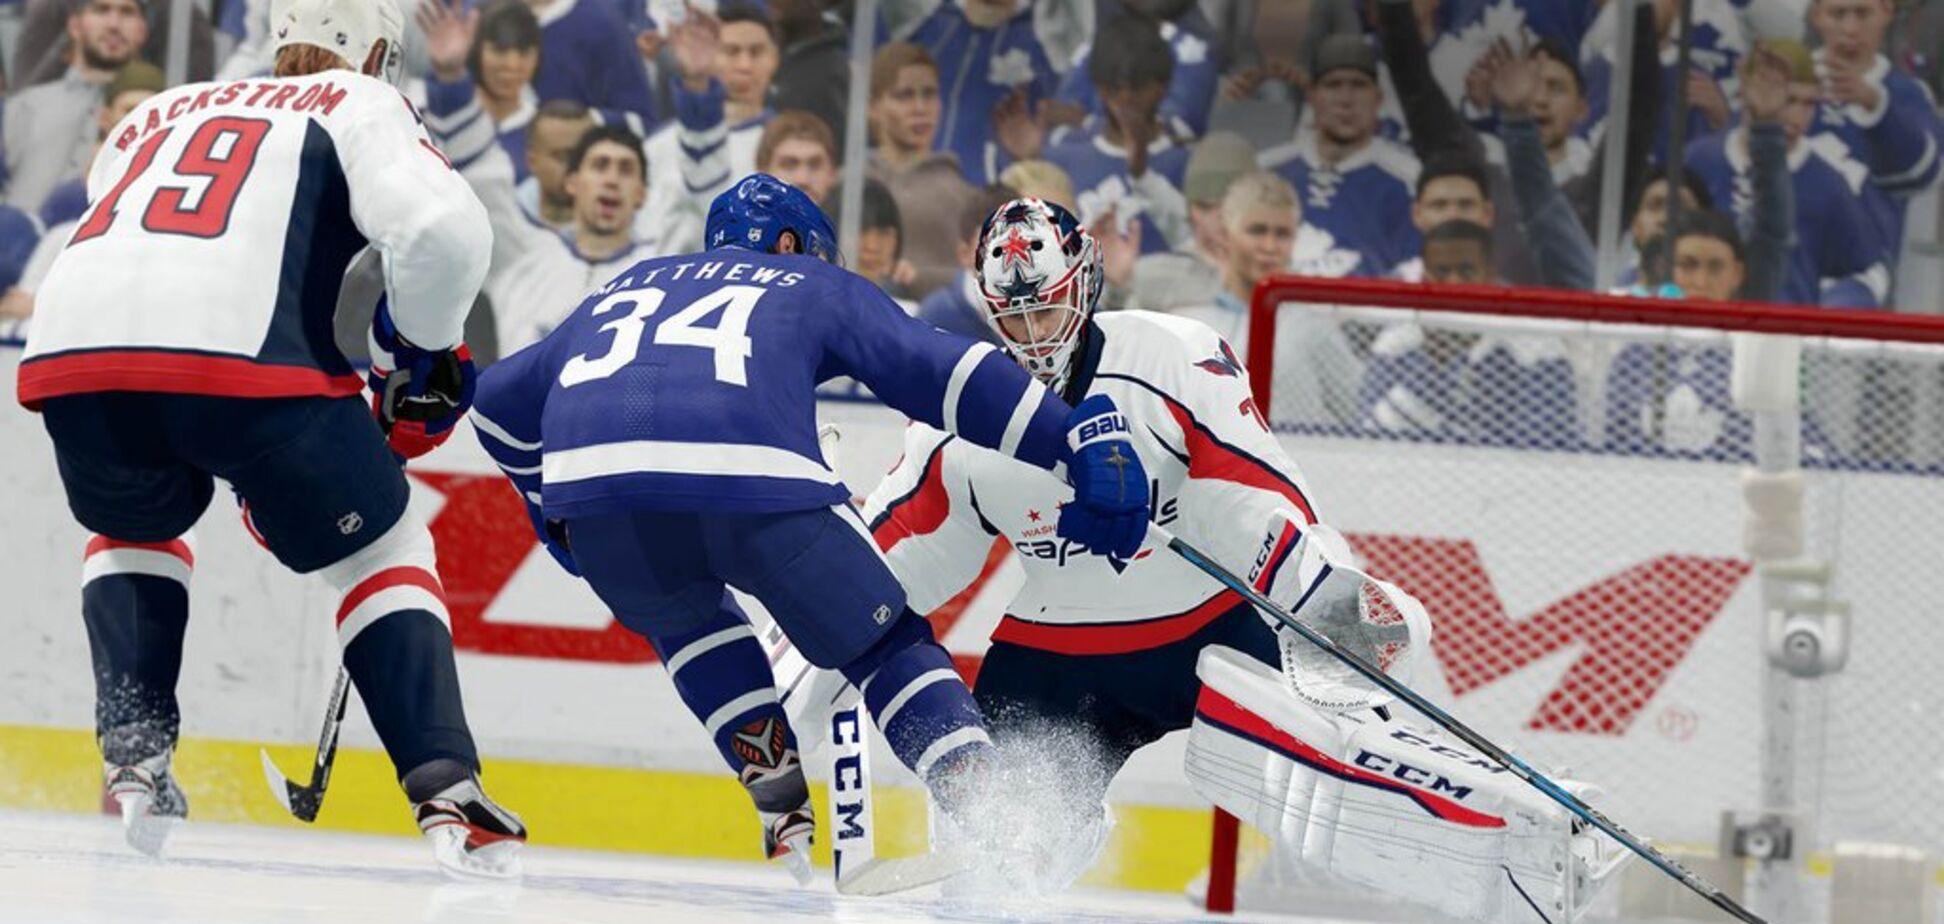 Влучило у дівчинку: матч НХЛ був перерваний через небезпечну подію